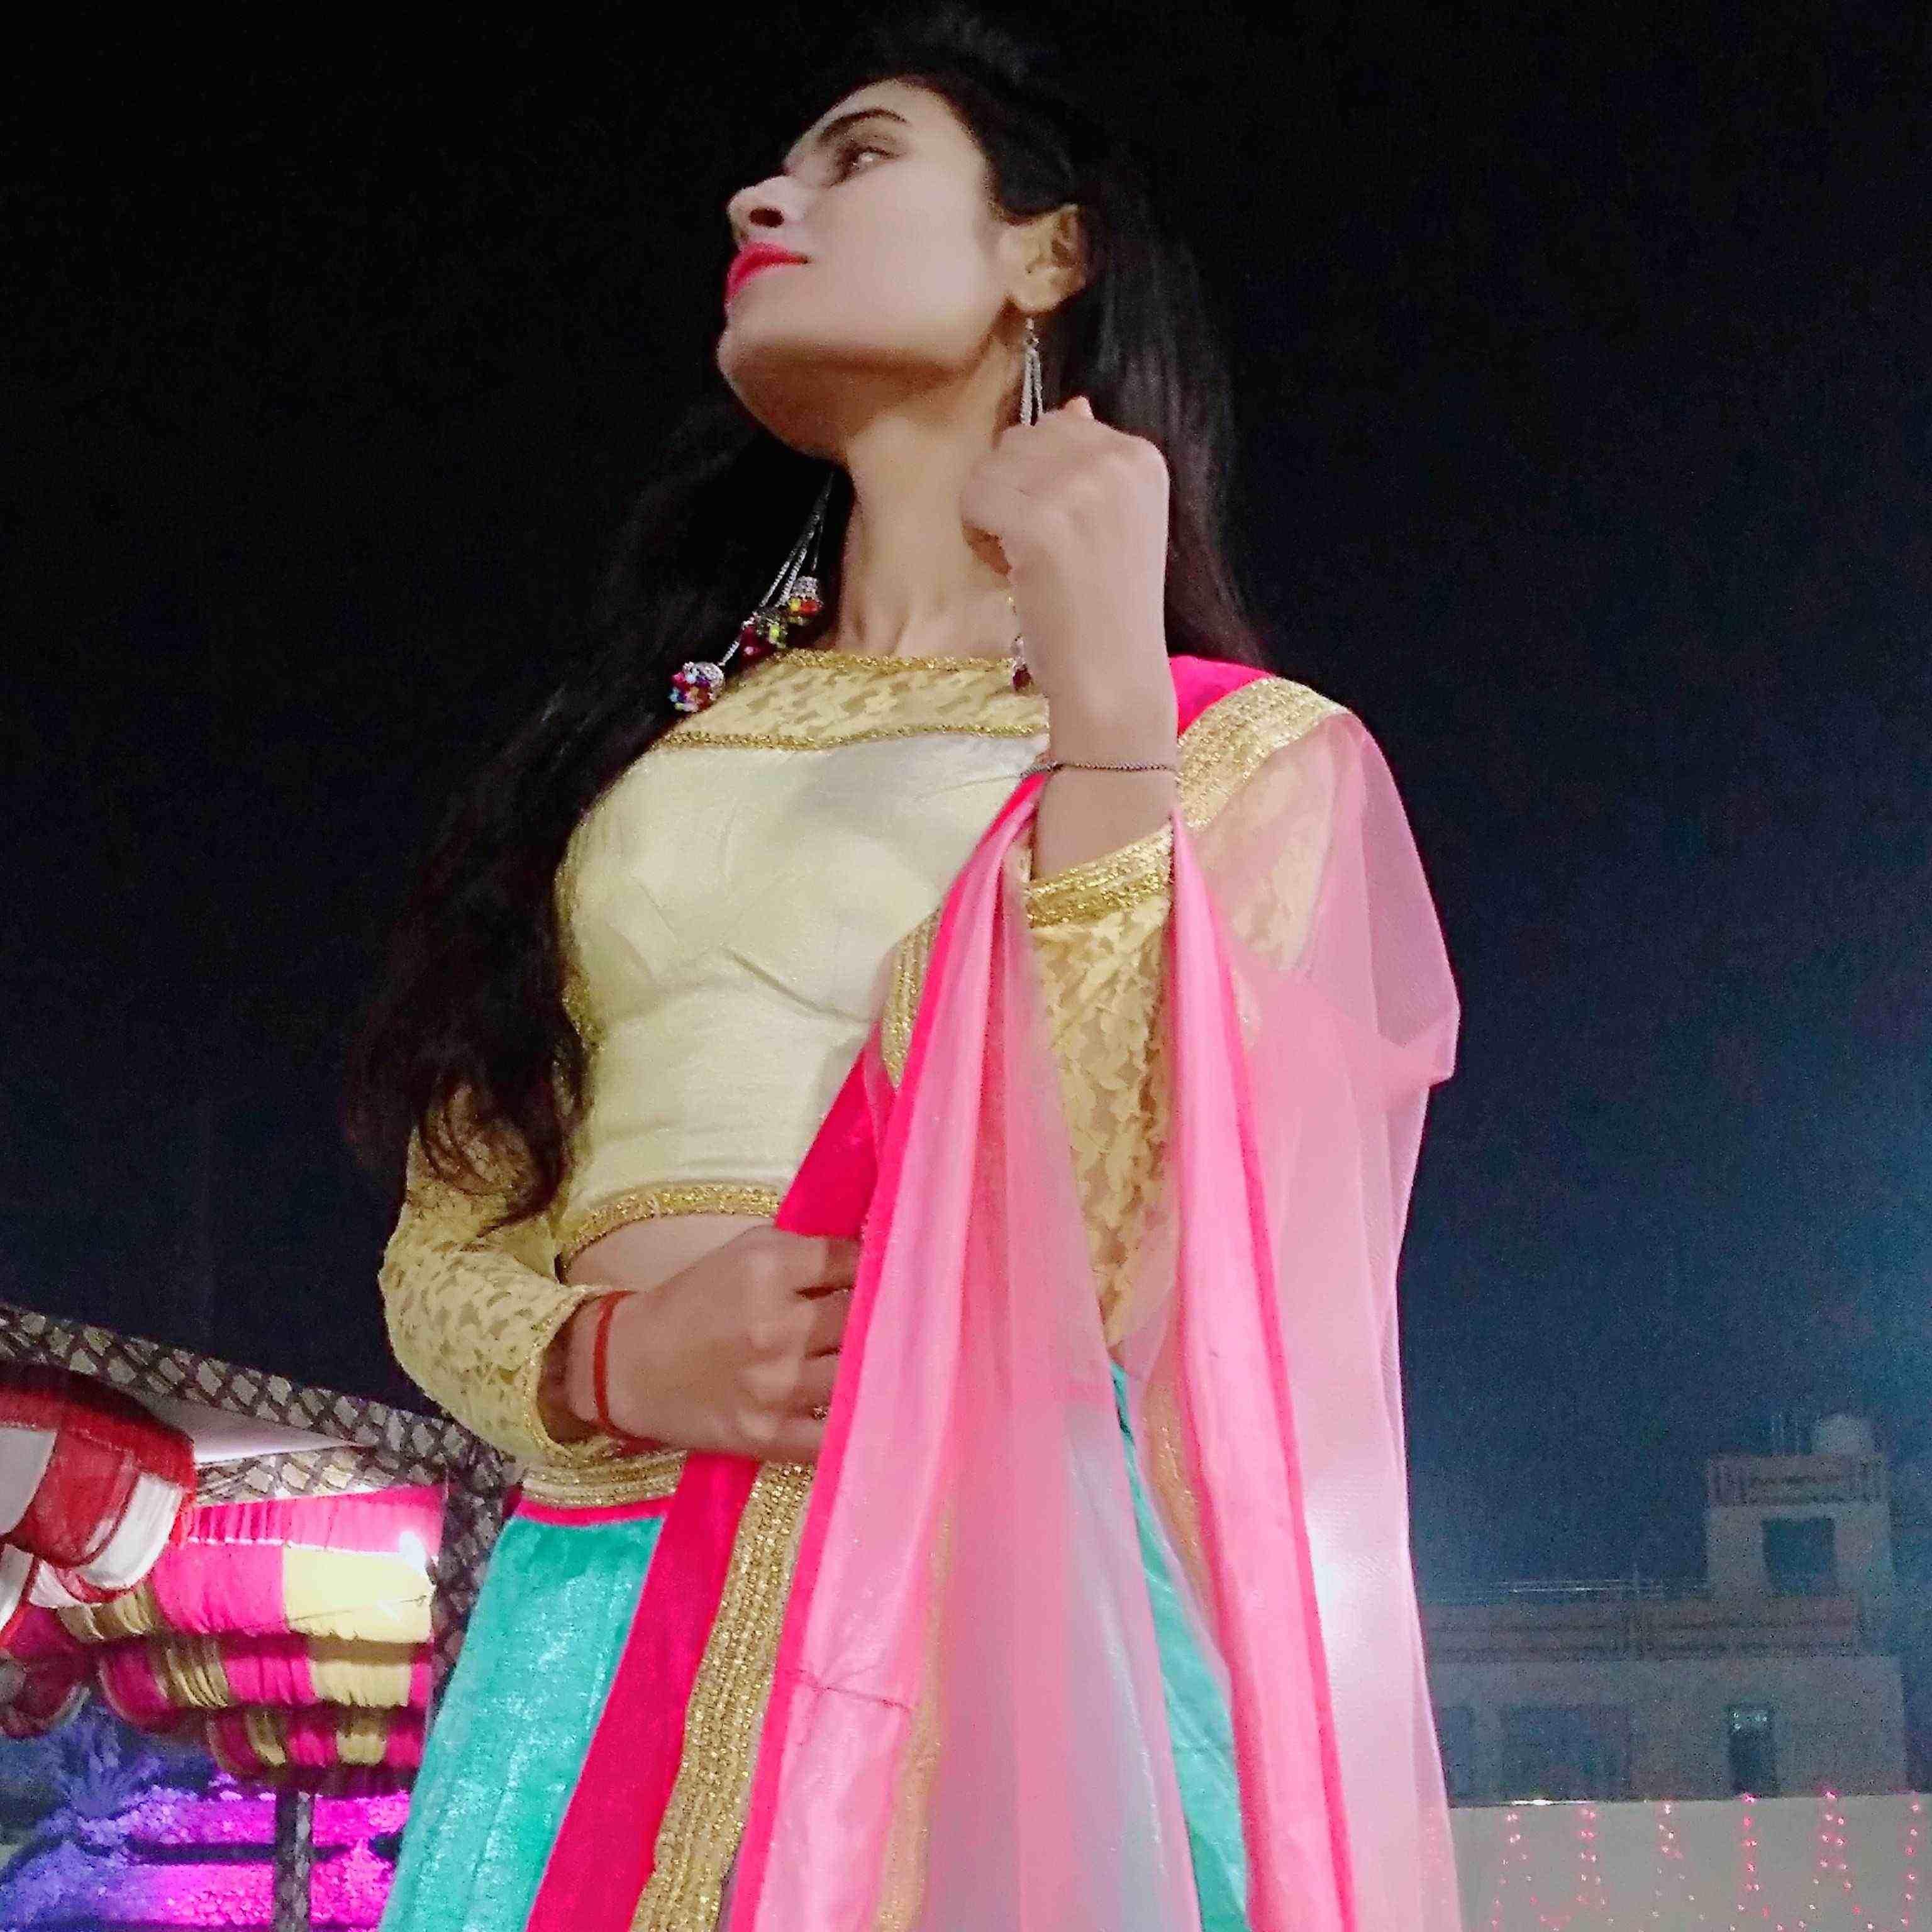 Priyanshi Panwar